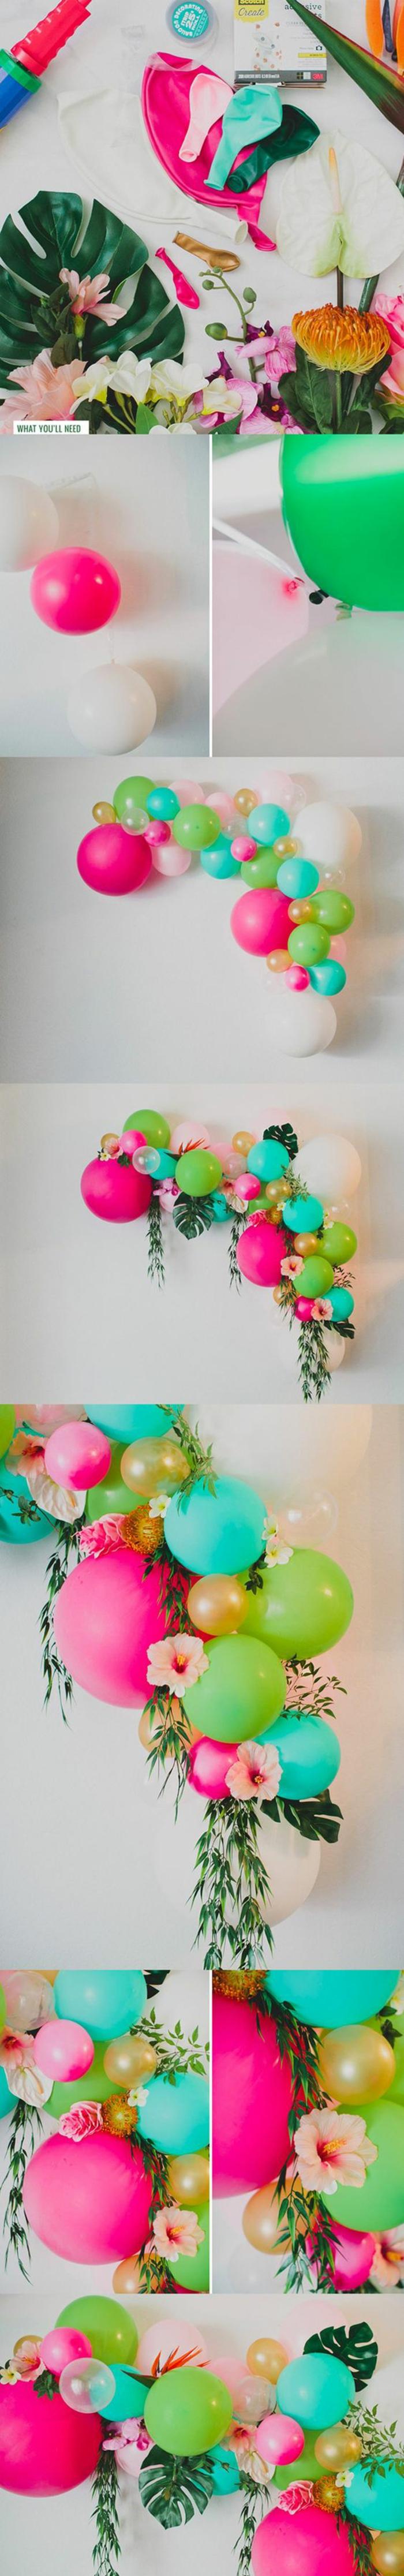 frühlingsdeko basteln, wanddeko aus ballons, blumen und blättern